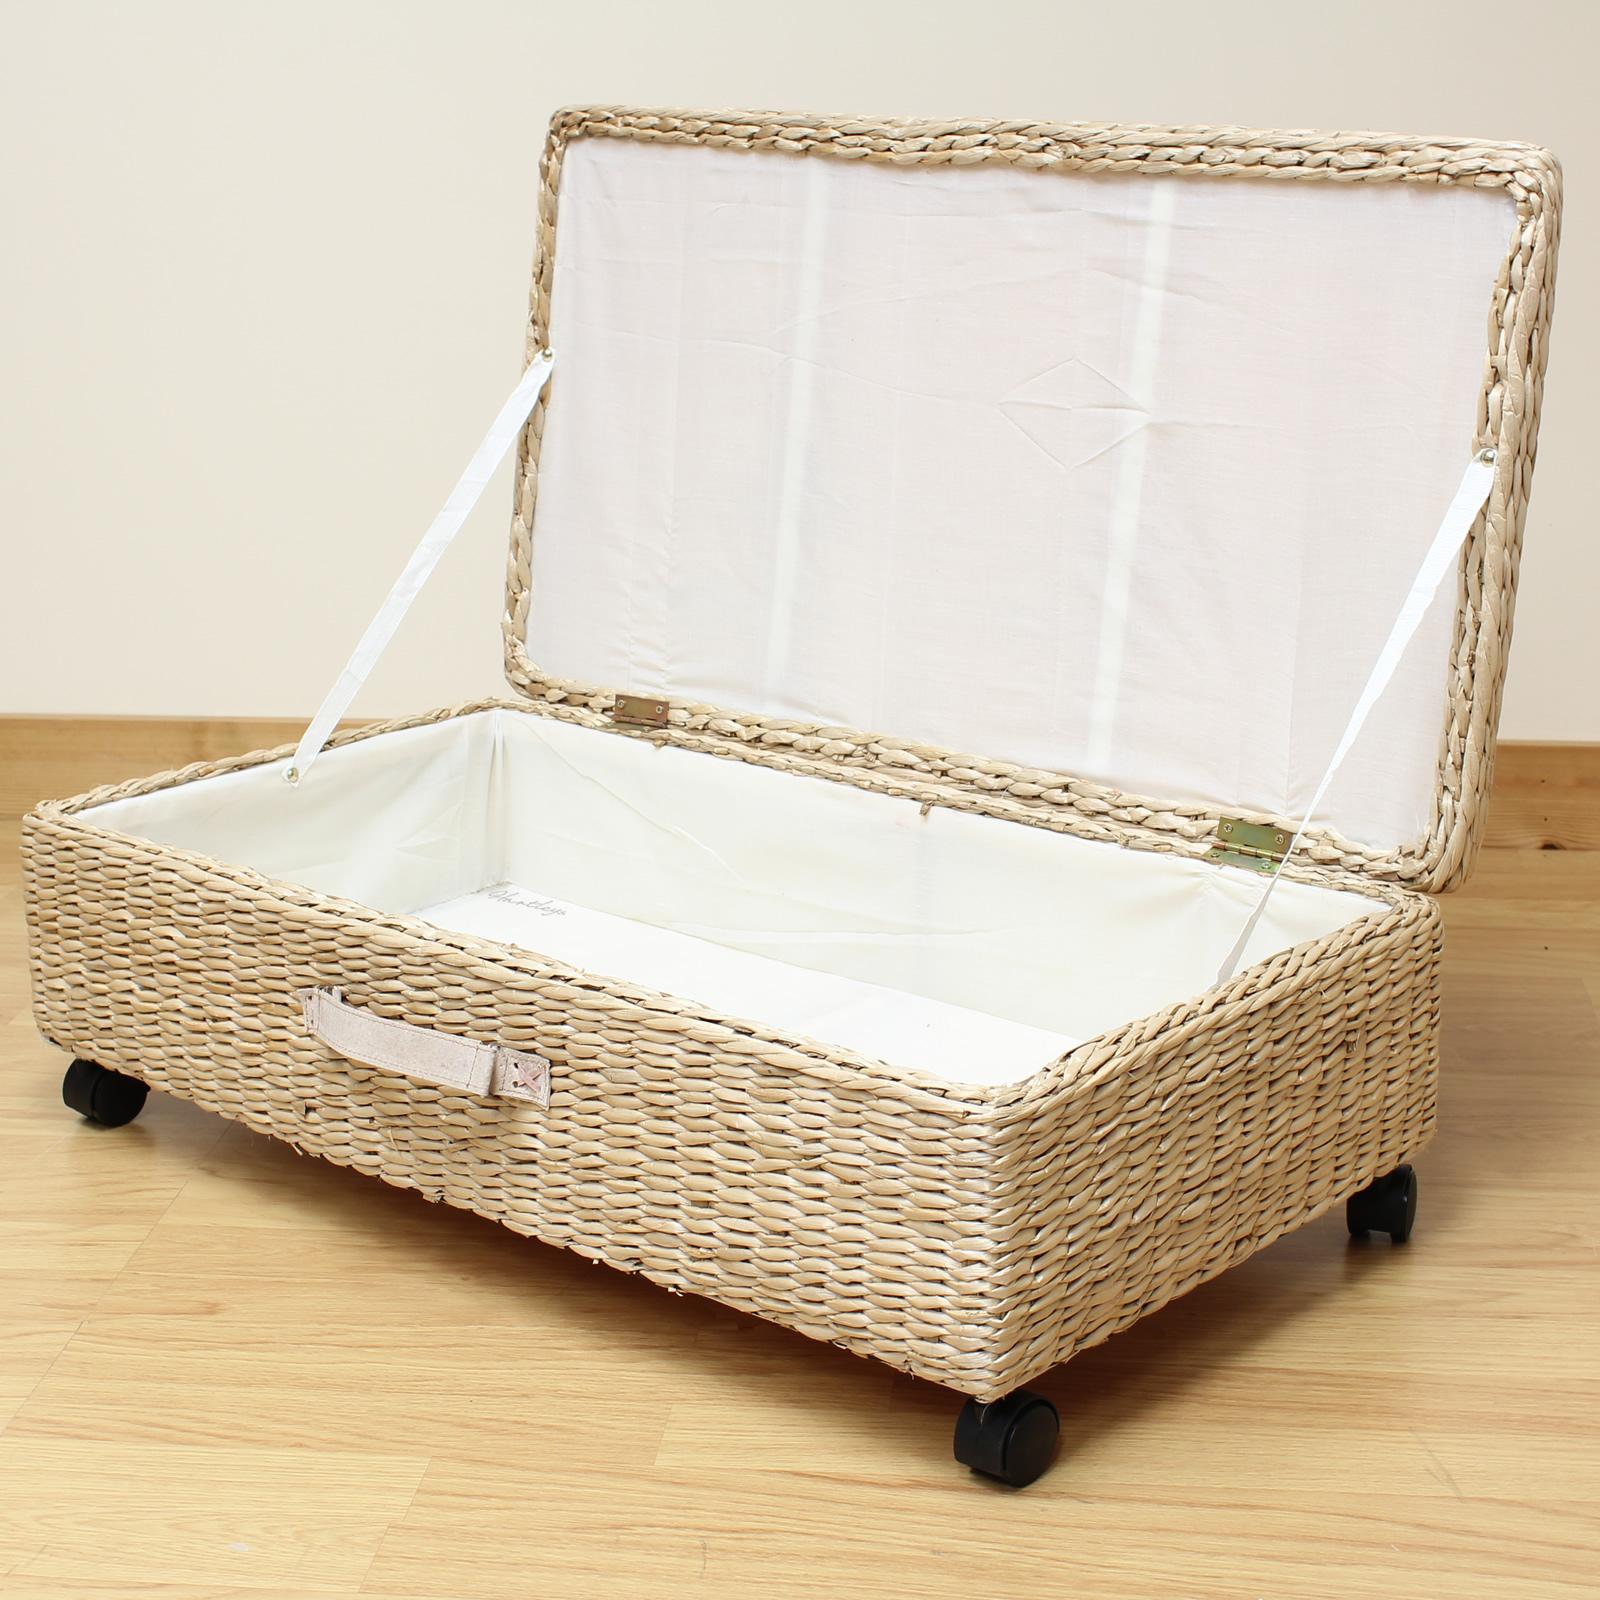 hartleys large under bed storage box chest shoes bedding blanket underbed trunk 5051990718968 ebay. Black Bedroom Furniture Sets. Home Design Ideas